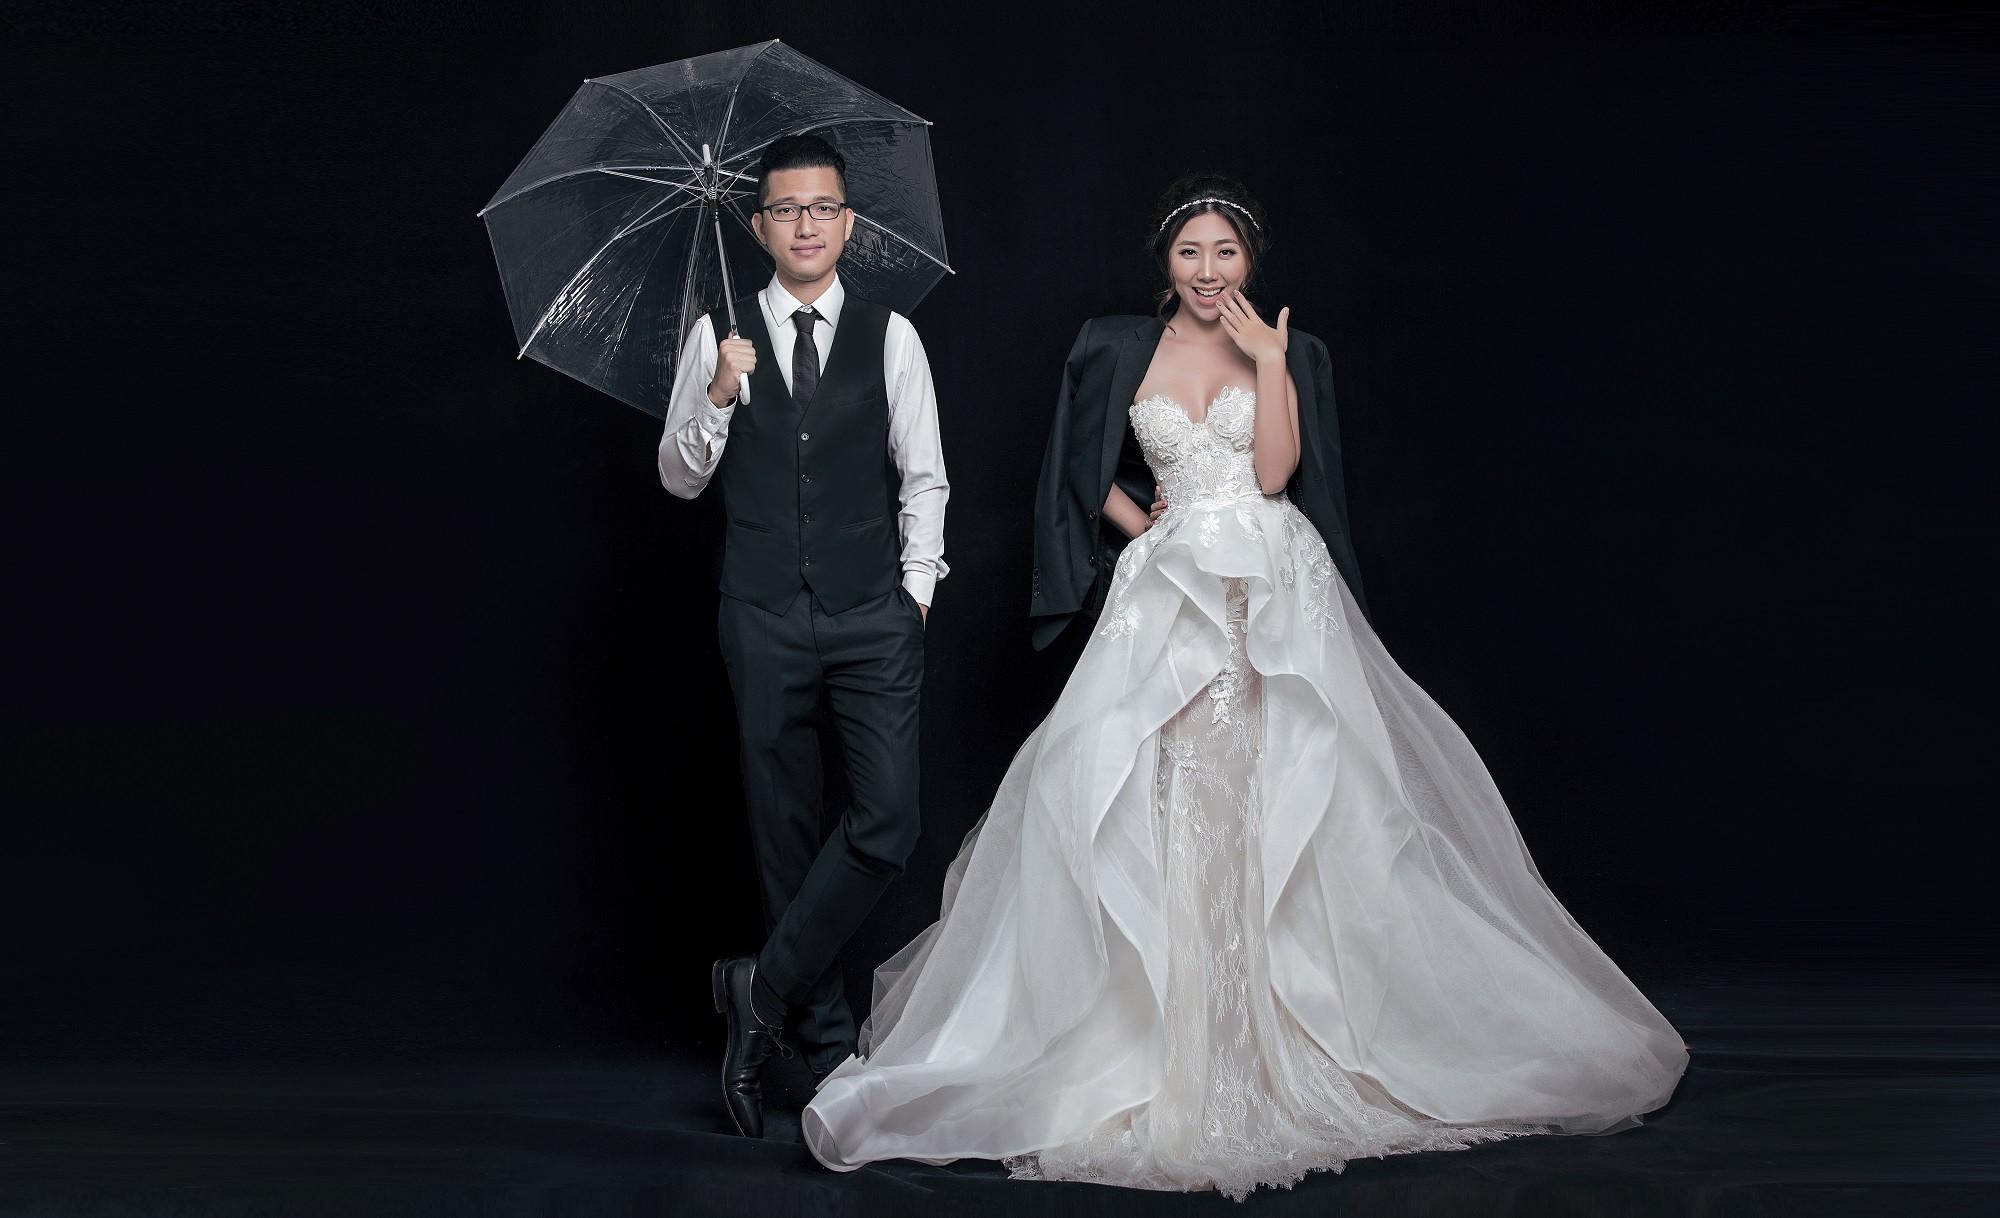 Em gái Trấn Thành kết hôn với bạn trai Hồng Kông, tung bộ ảnh cưới nhắng nhít cùng hội bạn thân - Ảnh 8.